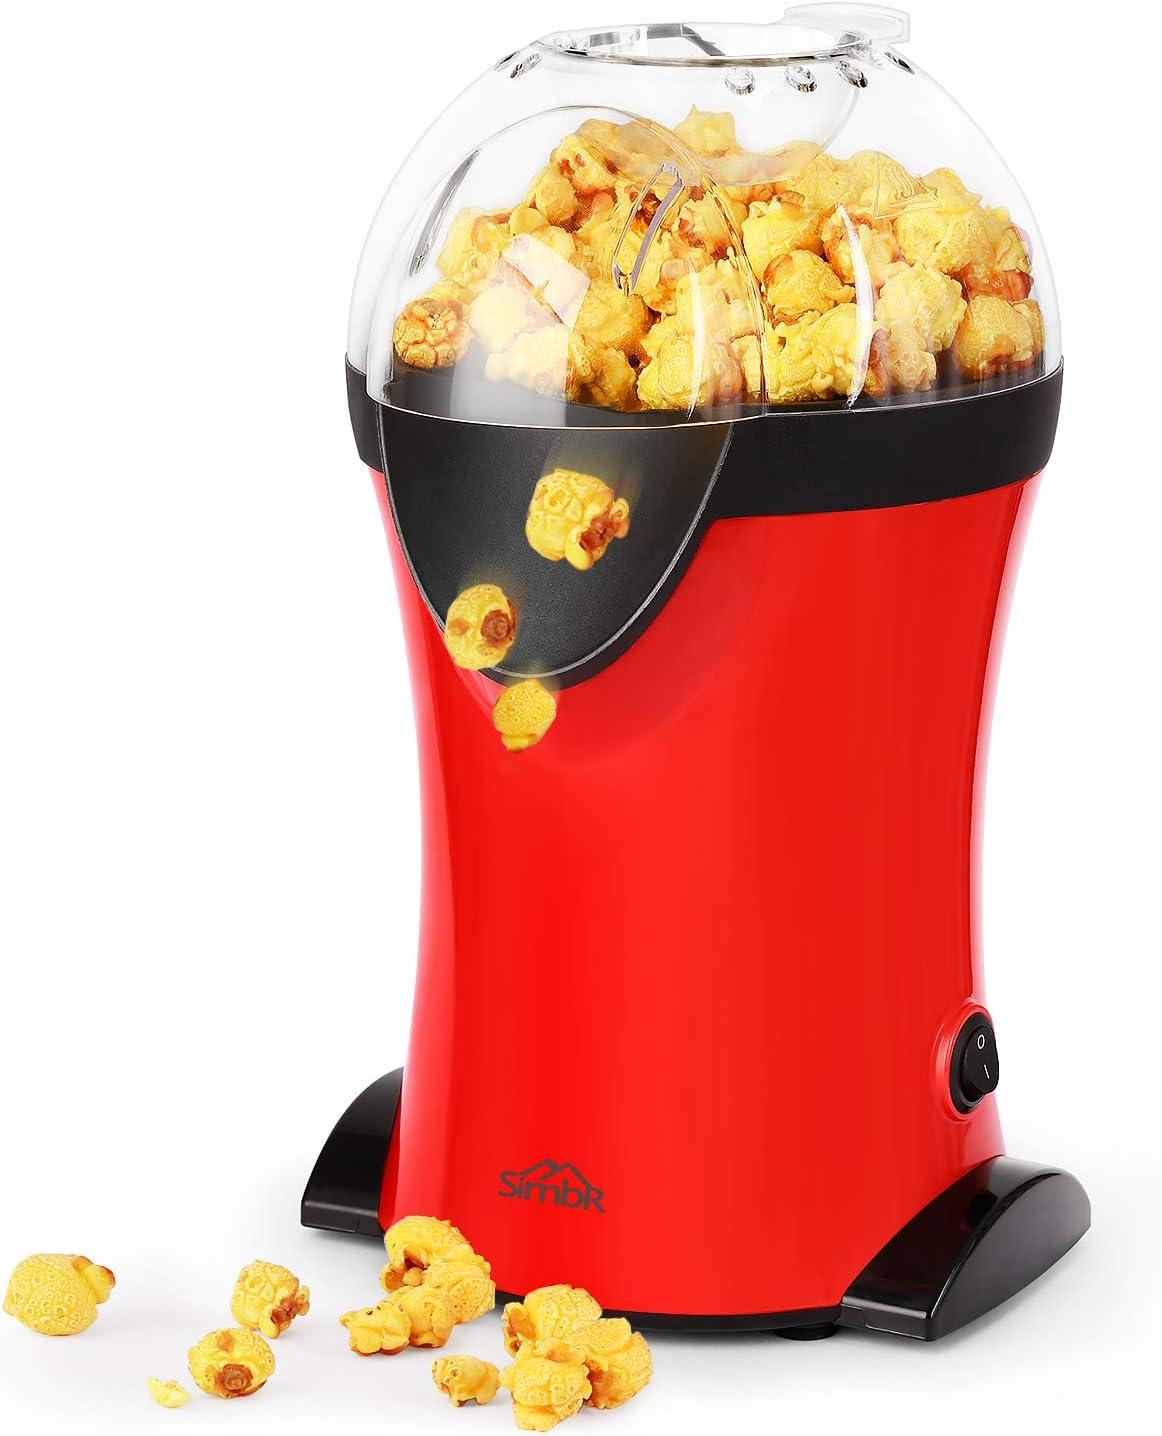 Sans Huile SIMBR Machine /à Popcorn Electrique 1200W,Appareils /à Popcorn Electrique Portable,Popcorn en 3 Minutes,Popcorn Popper Antiadh/ésif avec Tasse /à Mesurer,Air Chaud Cuisson Saine,Rouge